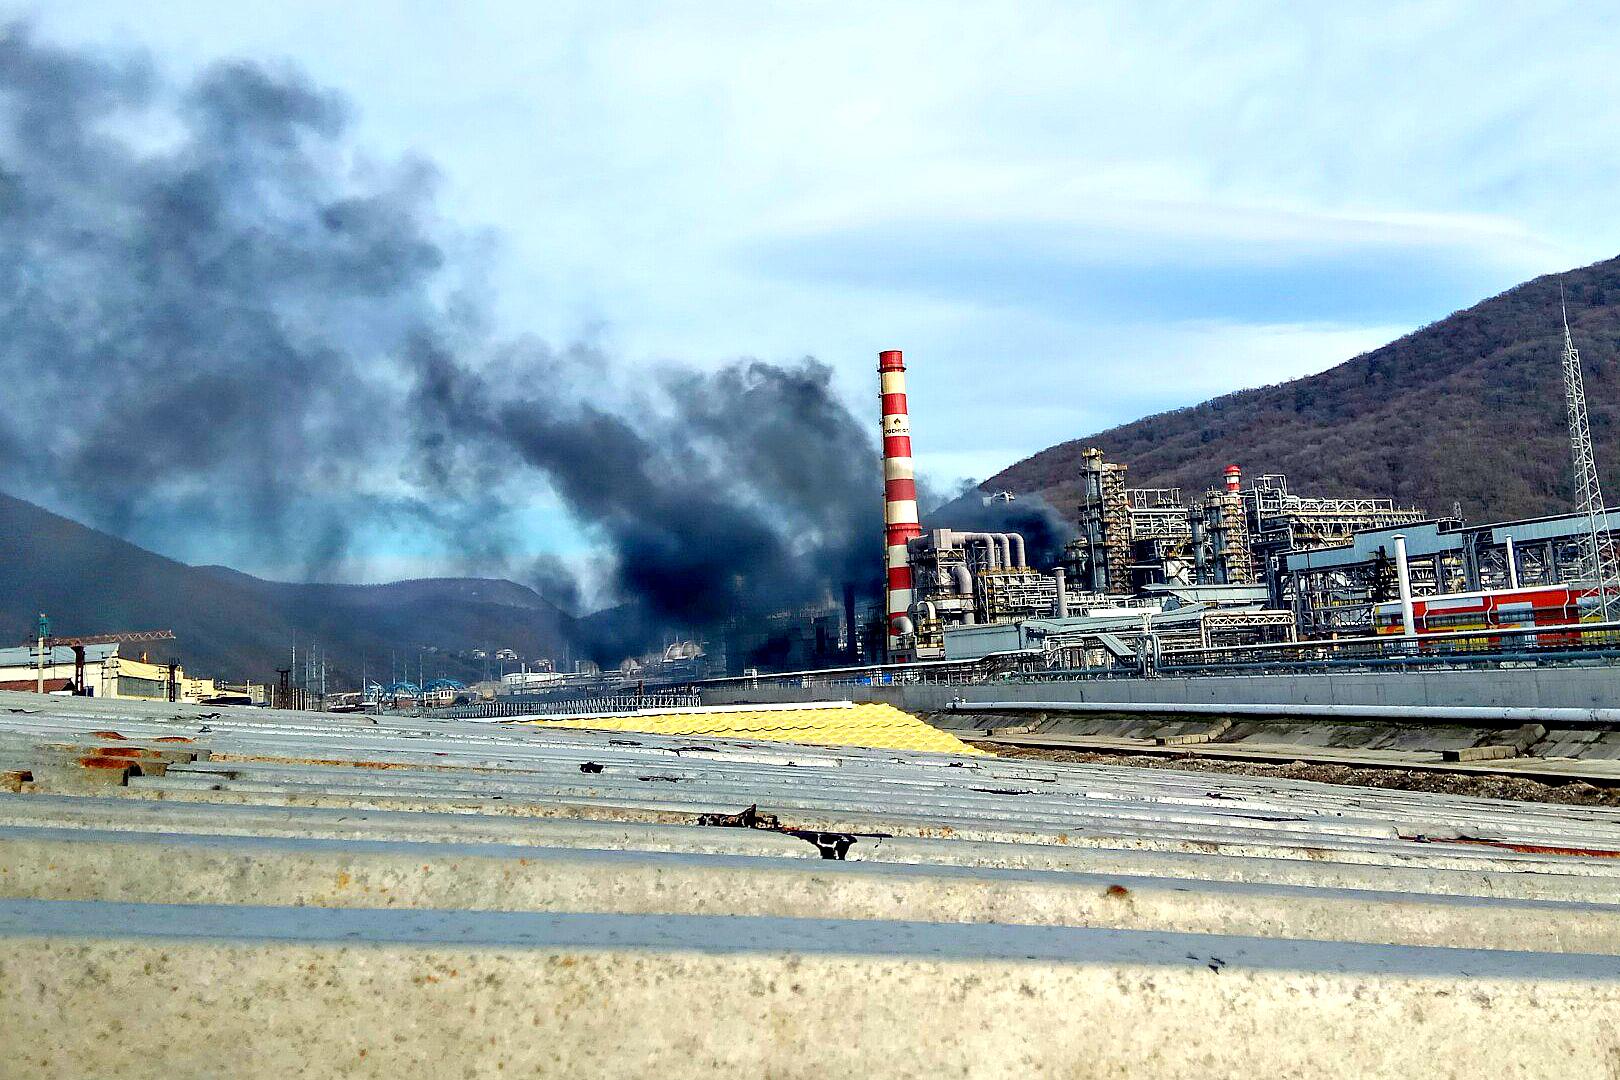 Натерритории туапсинского нефтезавода потушили дизельную установку